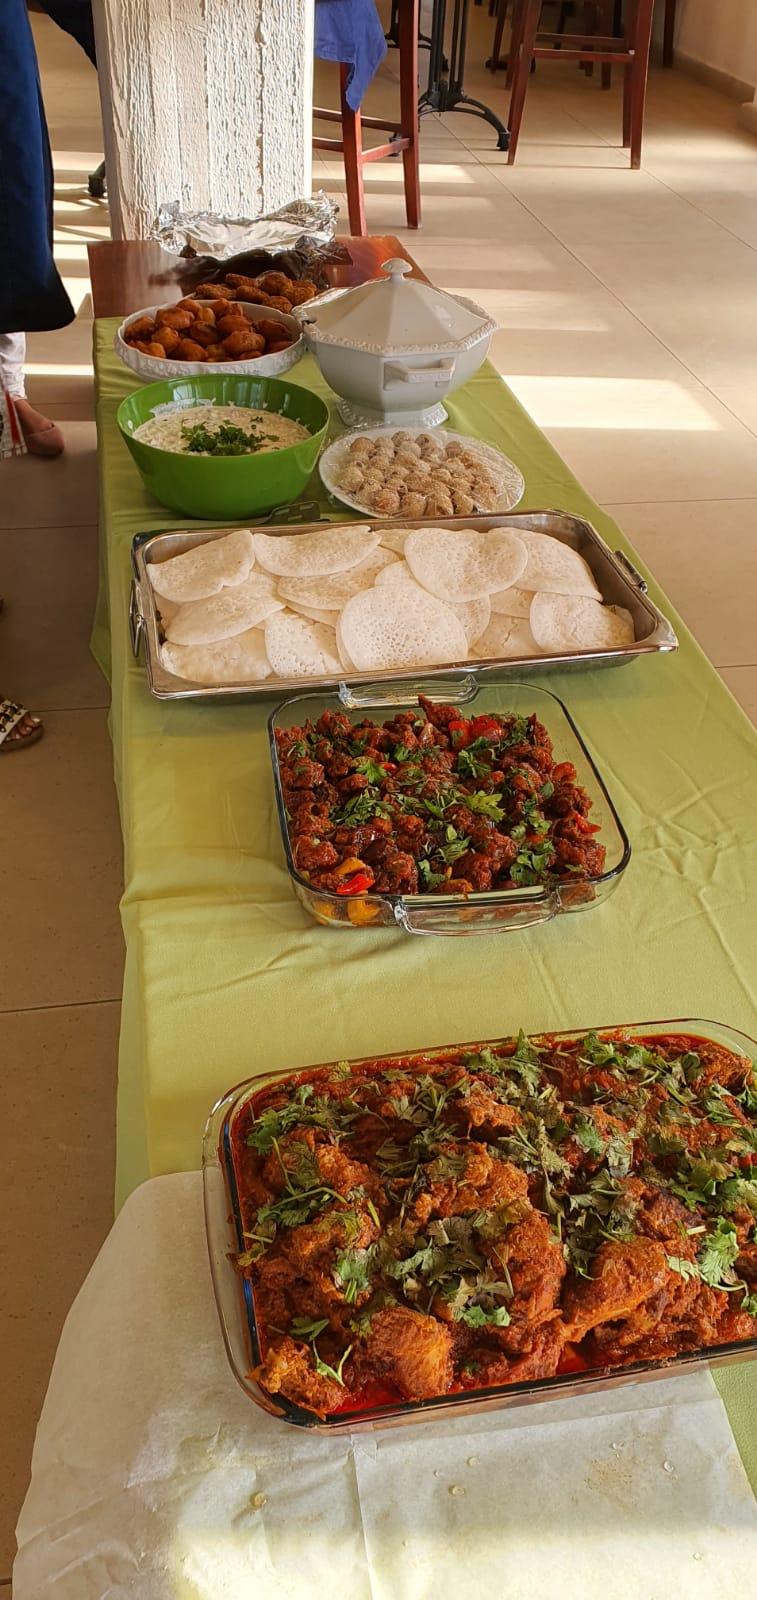 ארוחה על טהרת המטבח ההודי לעובדי הסיעוד בחצרים